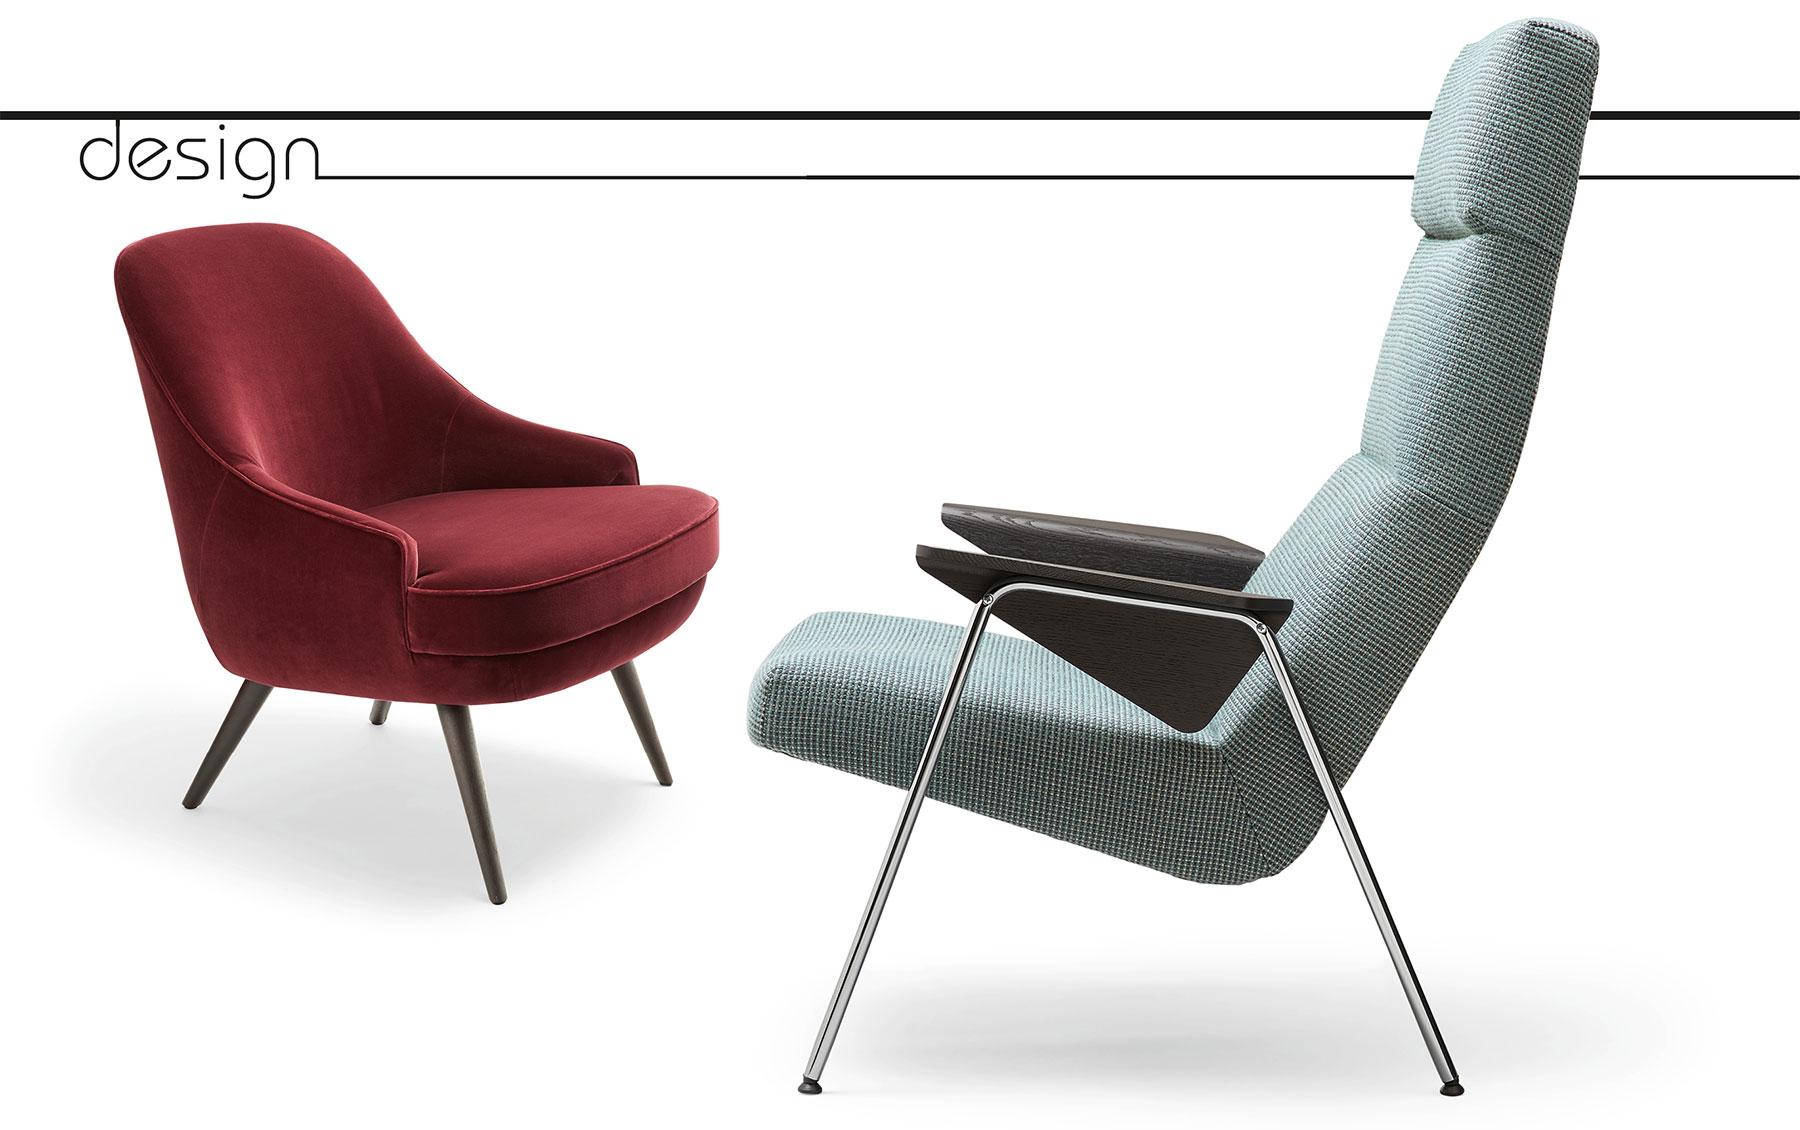 Lady's Chair – der Sessel 375, entworfen im Jahr 1957. Lese- und Ruhesessel 368 aus dem Jahr 1956